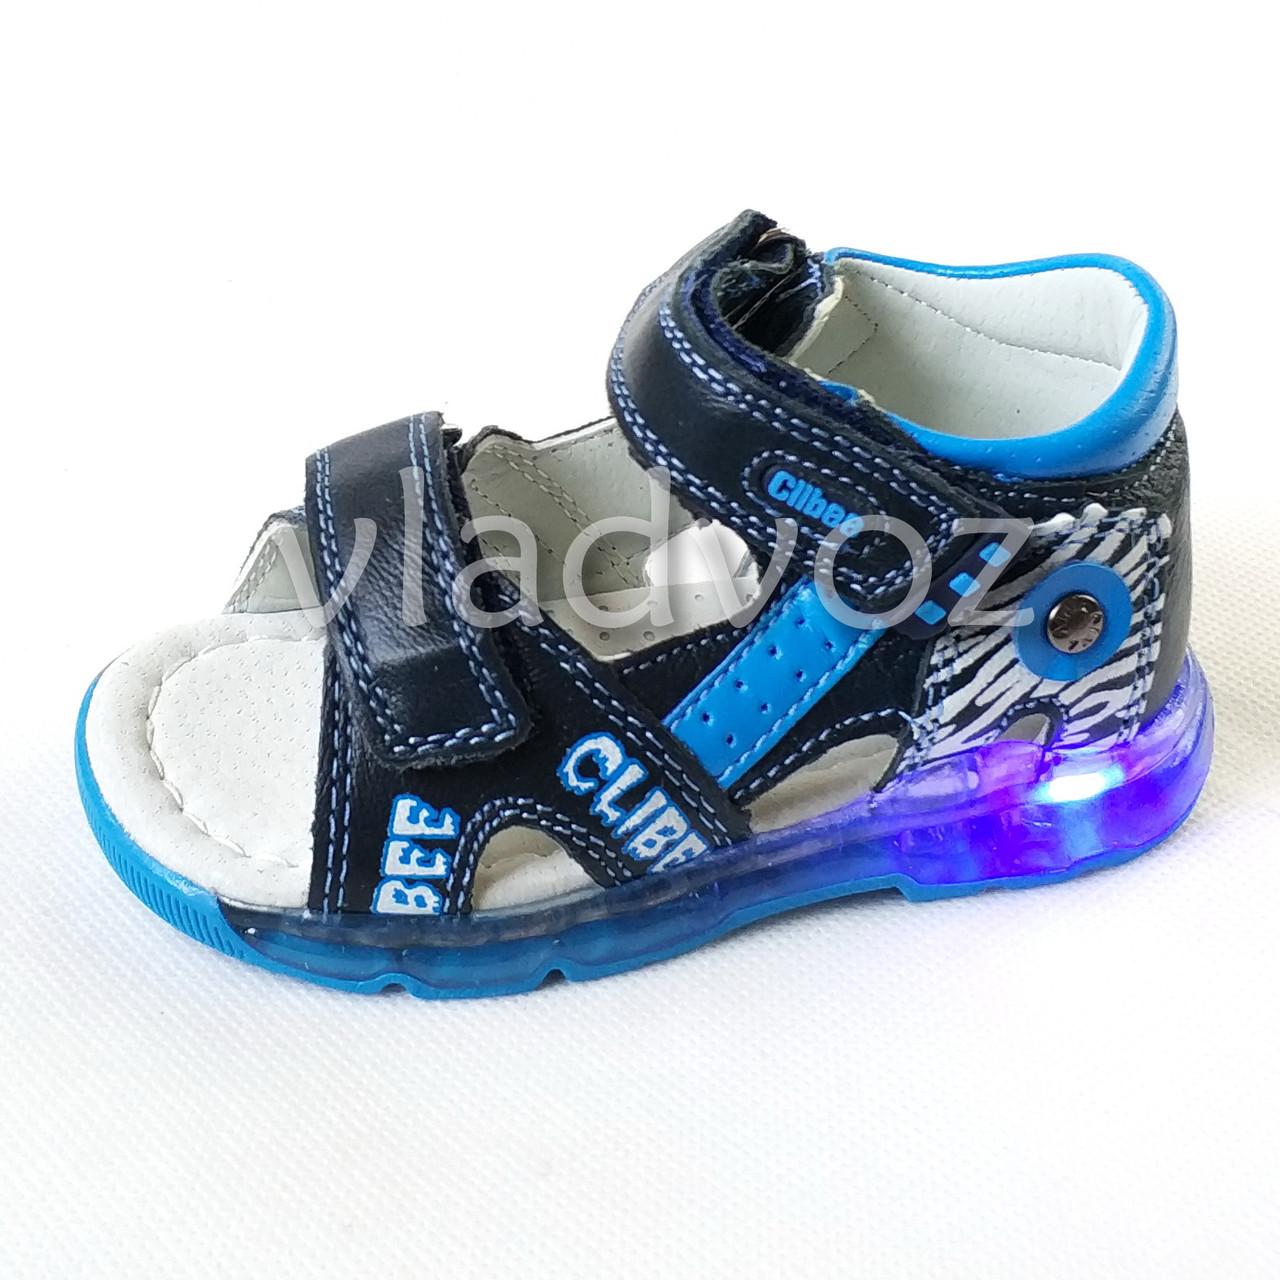 Детские светящиеся босоножки сандалии для мальчика с подсветкой подошвы LED синие Clibee 27р.